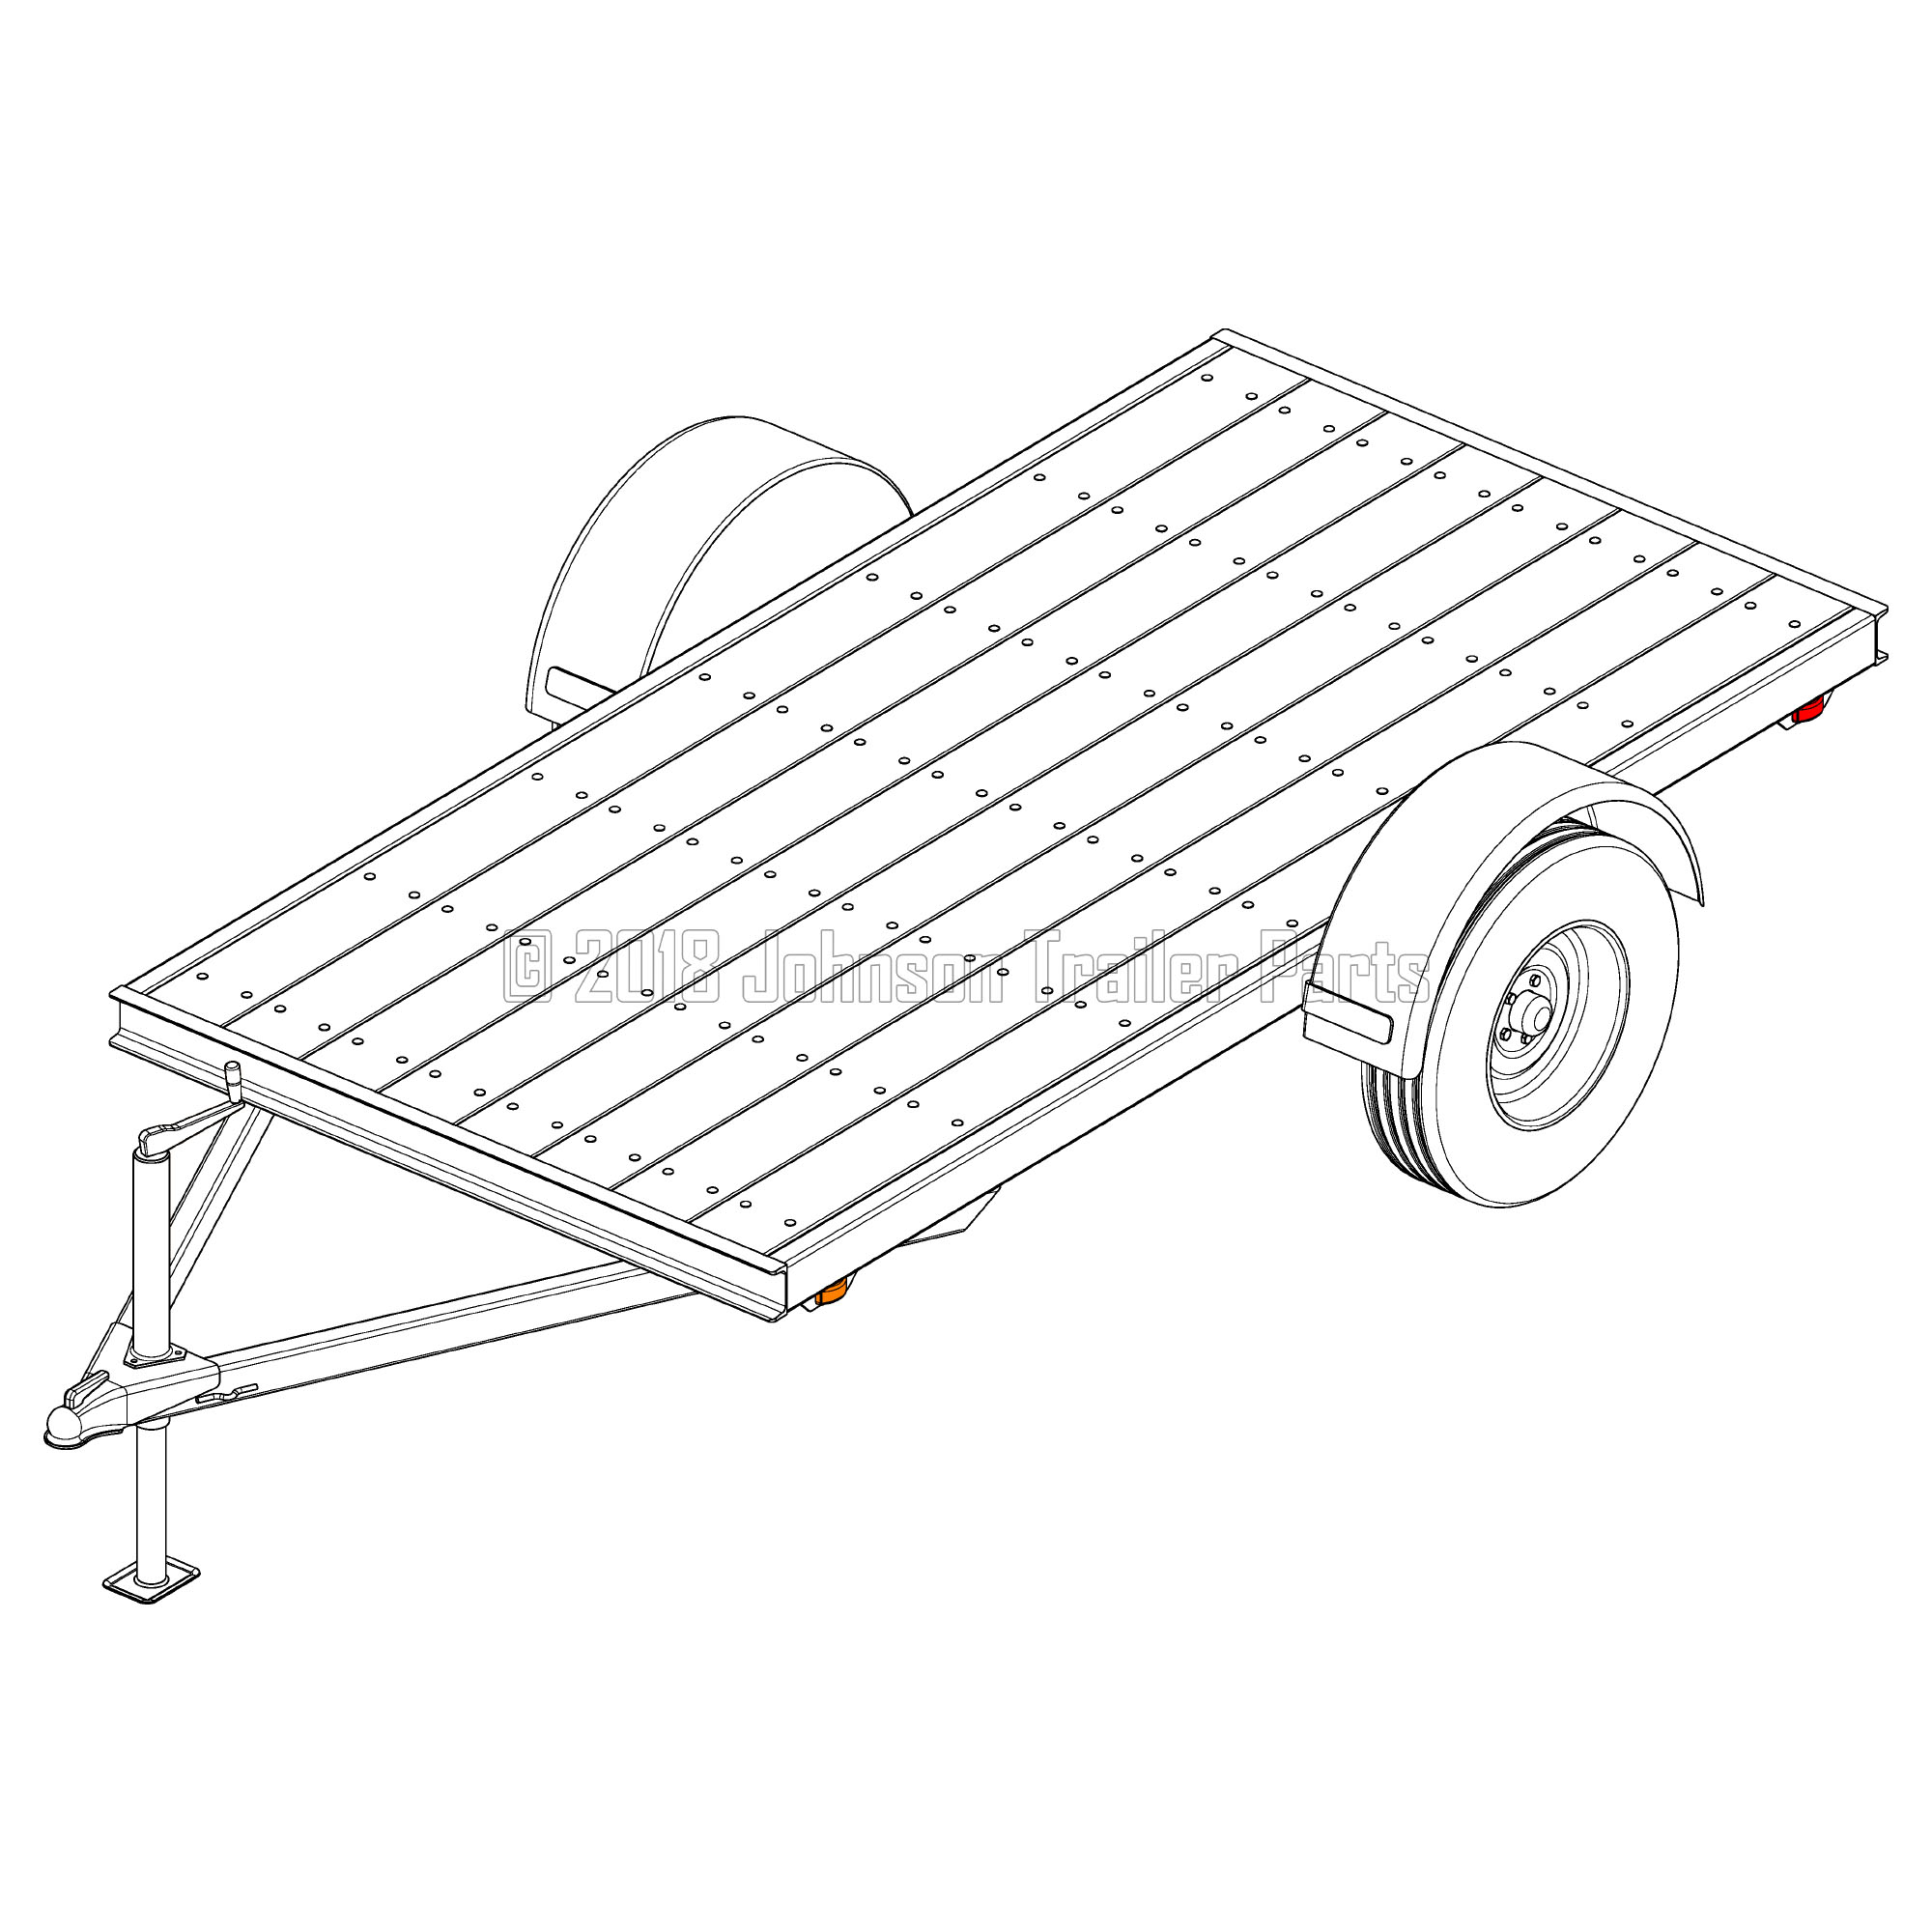 5 x 10 utility trailer plans blueprints 3500 lb capacity 5 x 10 utility trailer plans blueprints 3500 lb capacity malvernweather Images